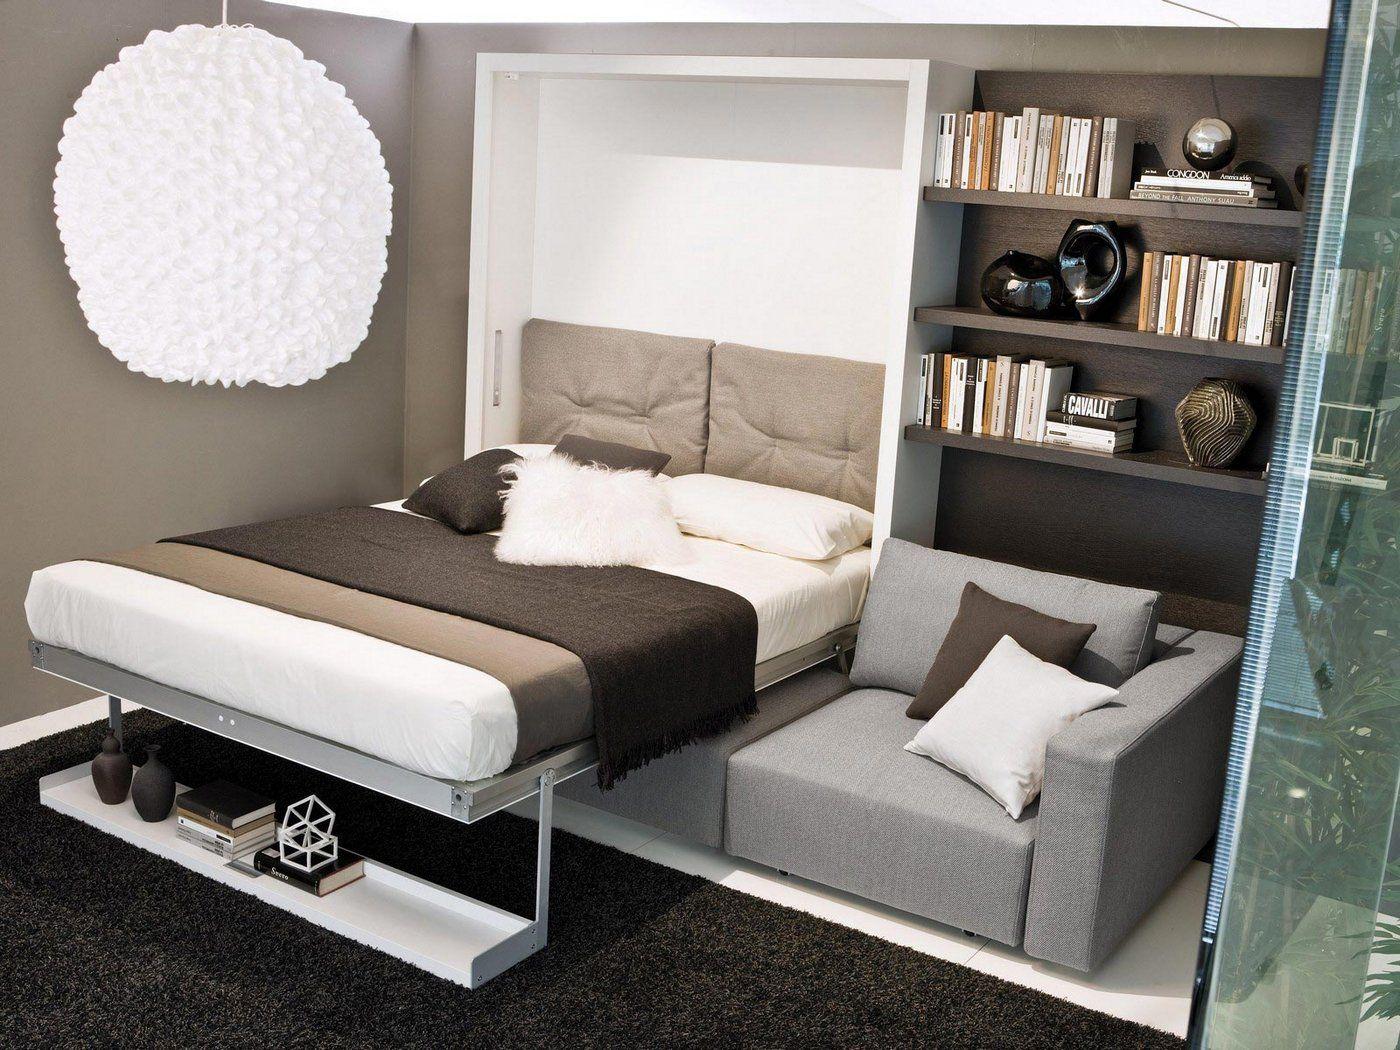 Le idee per monolocali di clei divano e letto - Divano pronto letto matrimoniale ...